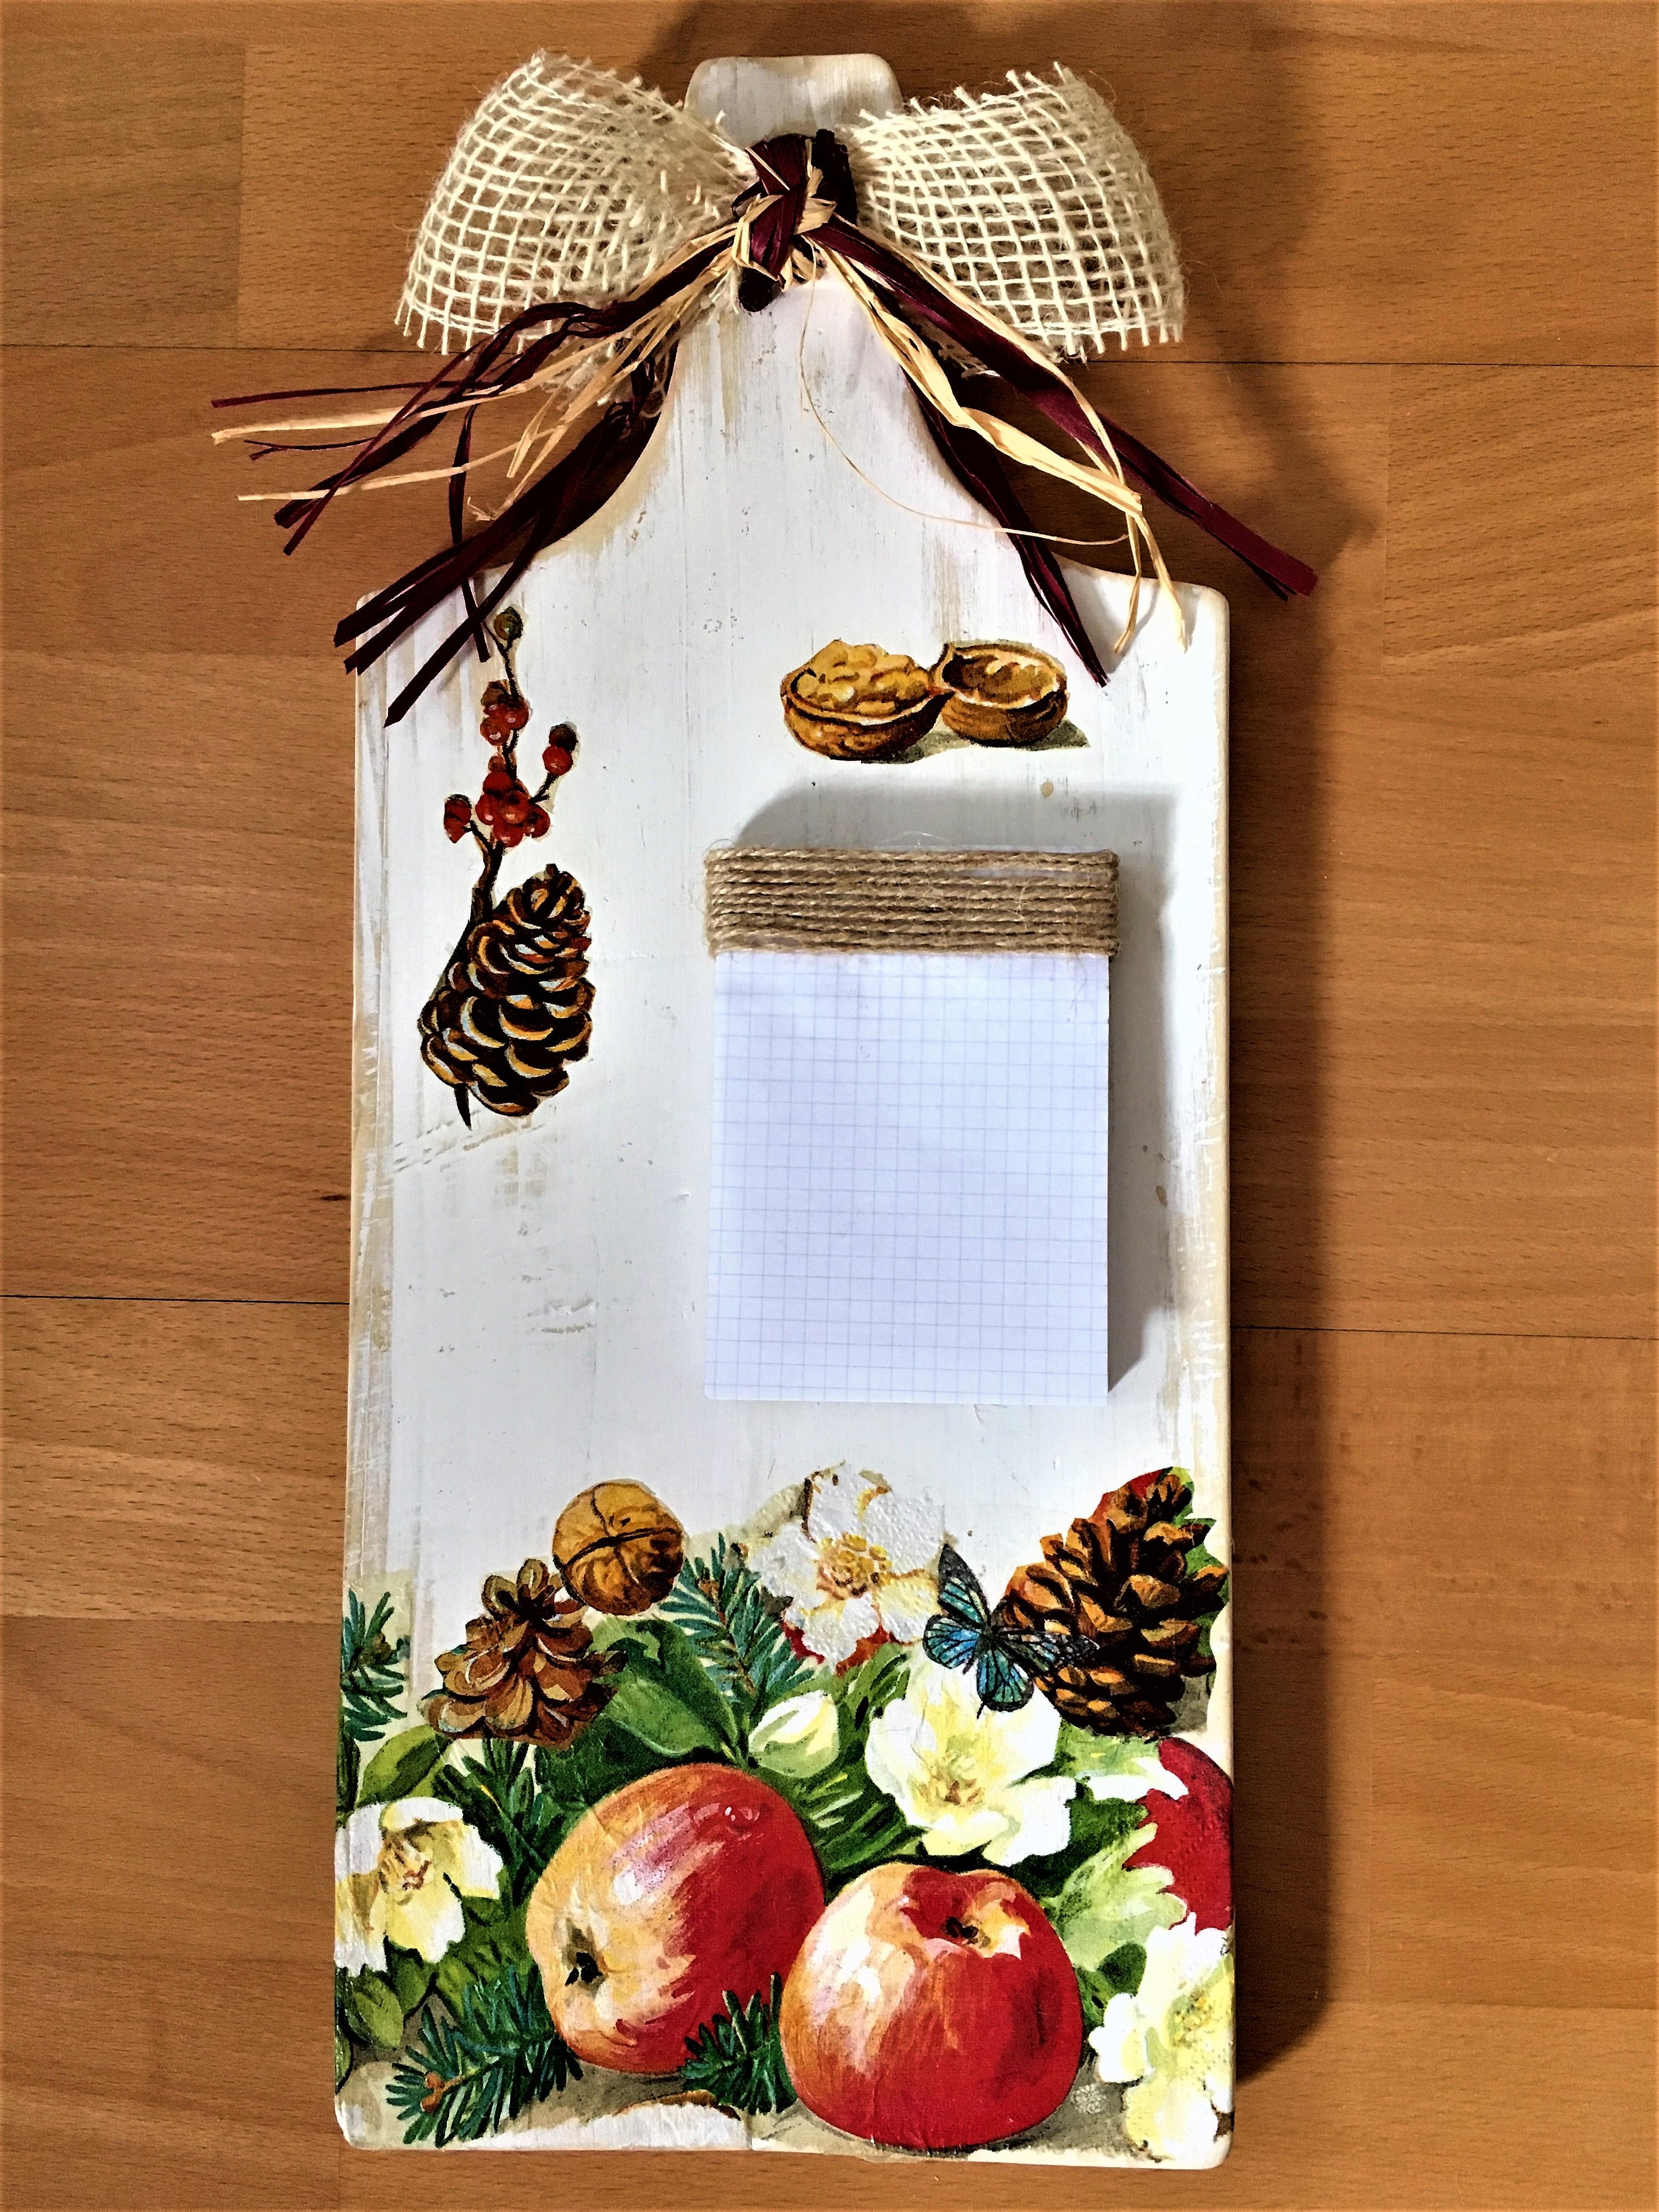 Tabla de madera decorada en mis manitas diy blog de - Decorar tabla madera ...